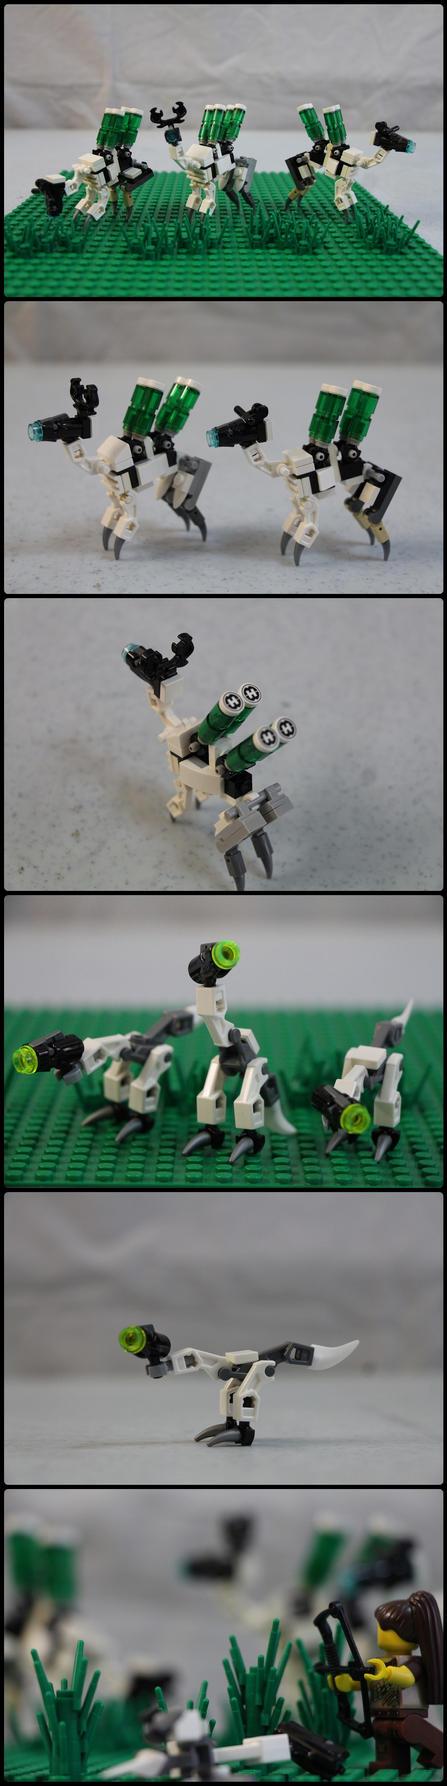 Lego Horizon Zero Dawn by ejaylee